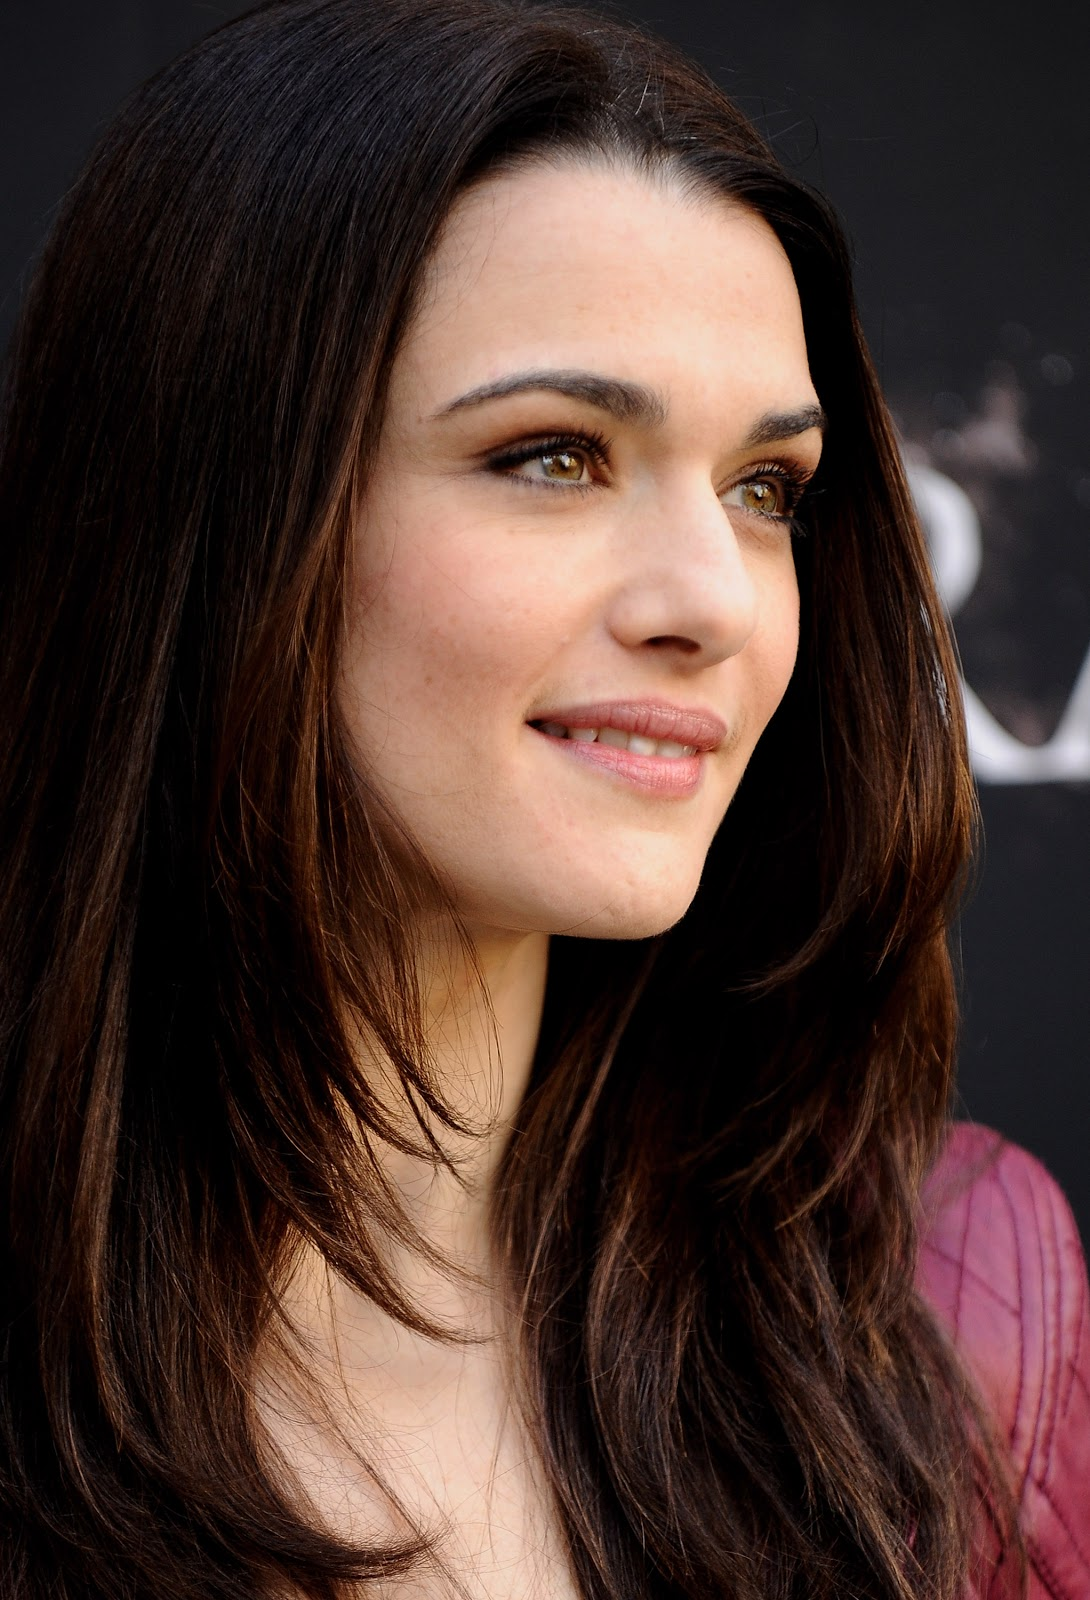 Picture of Rachel Weisz